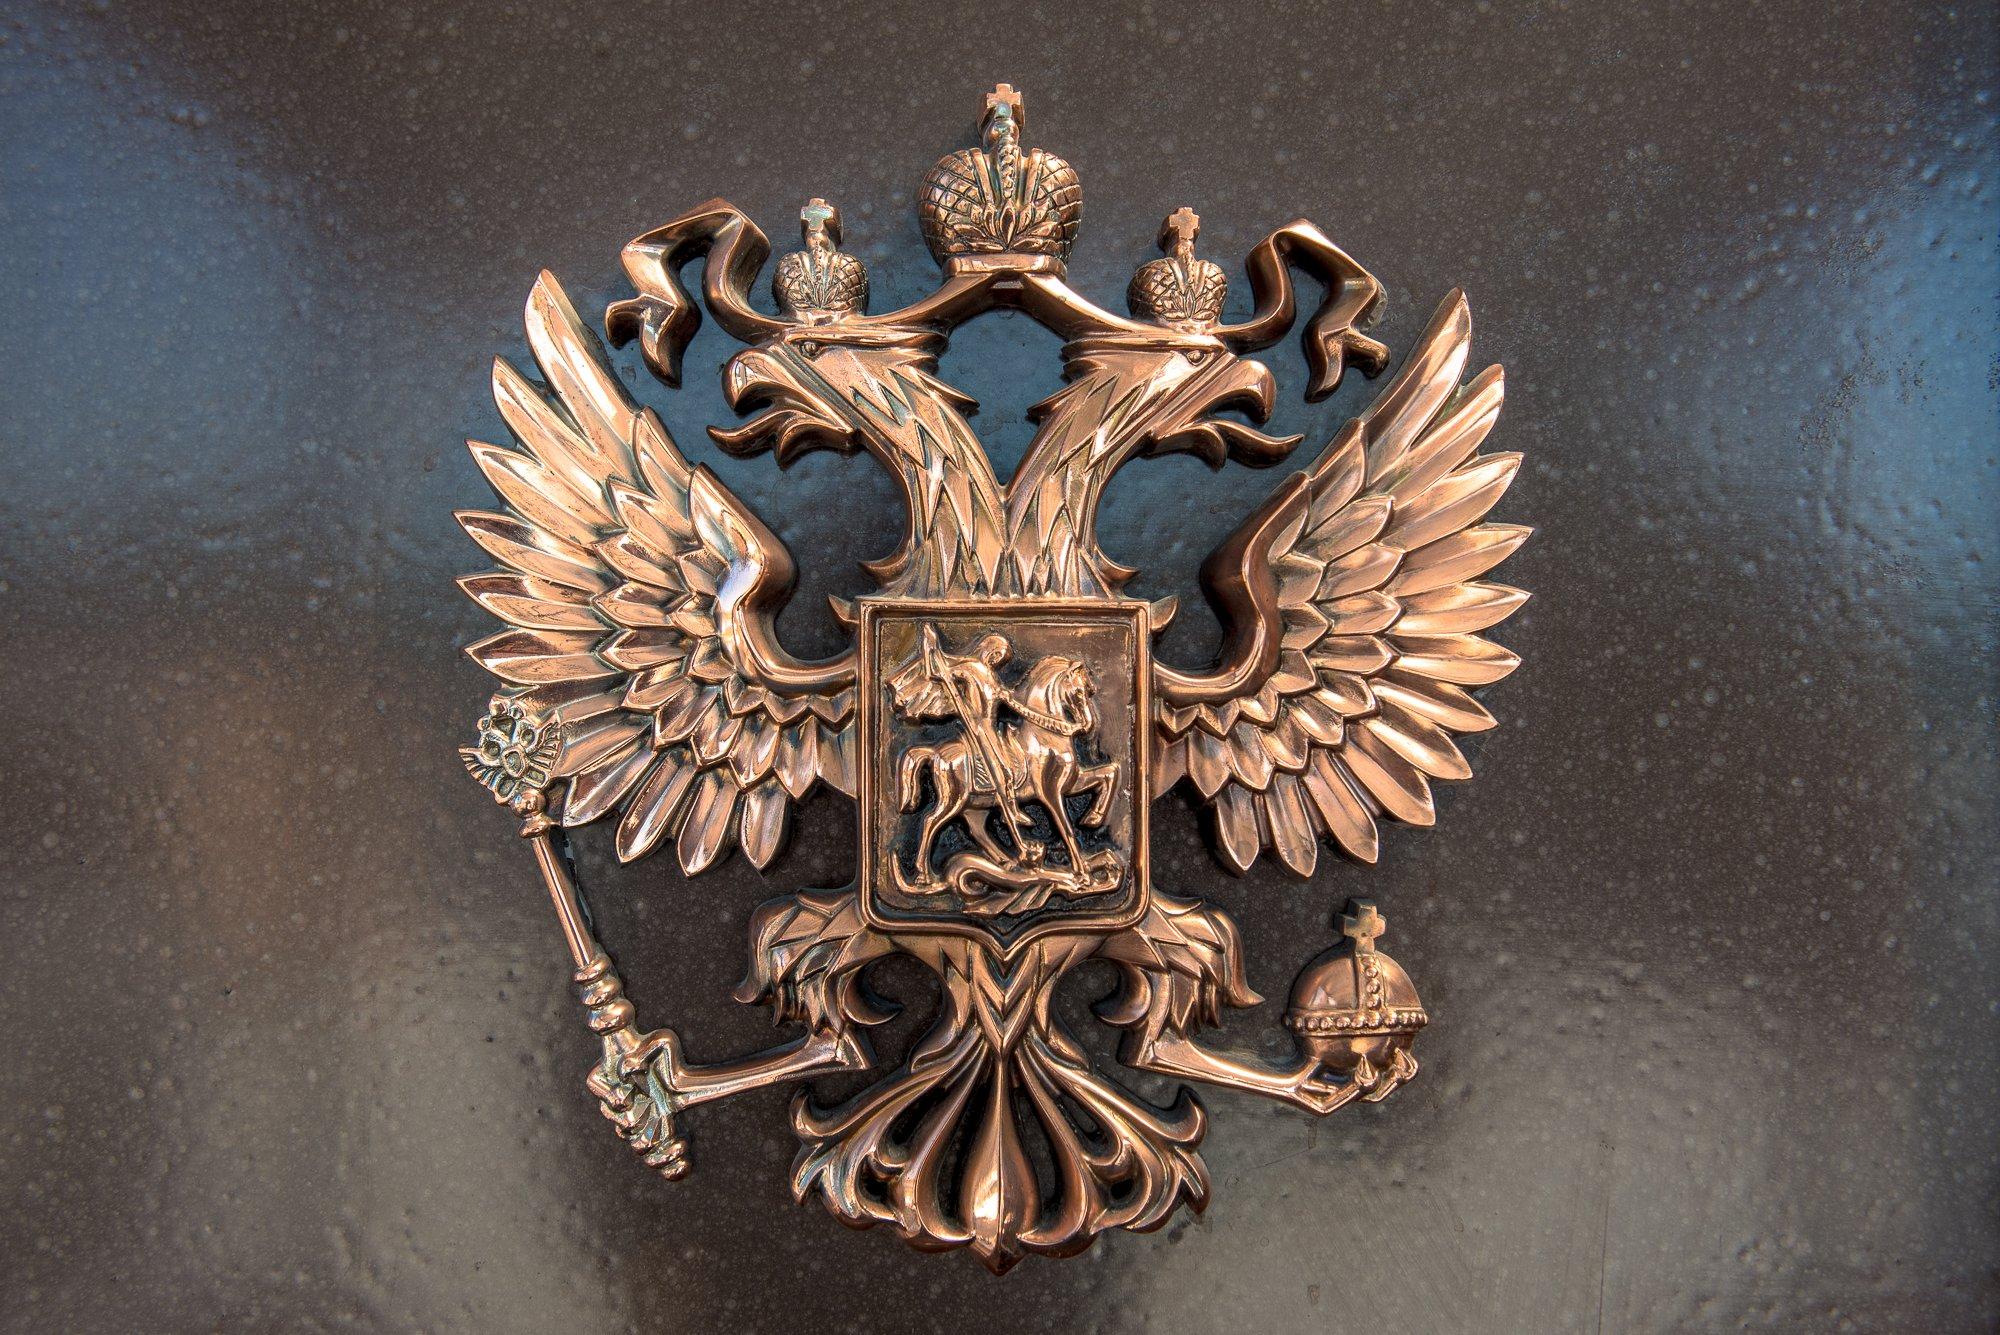 фото герба россии в хорошем качестве самом